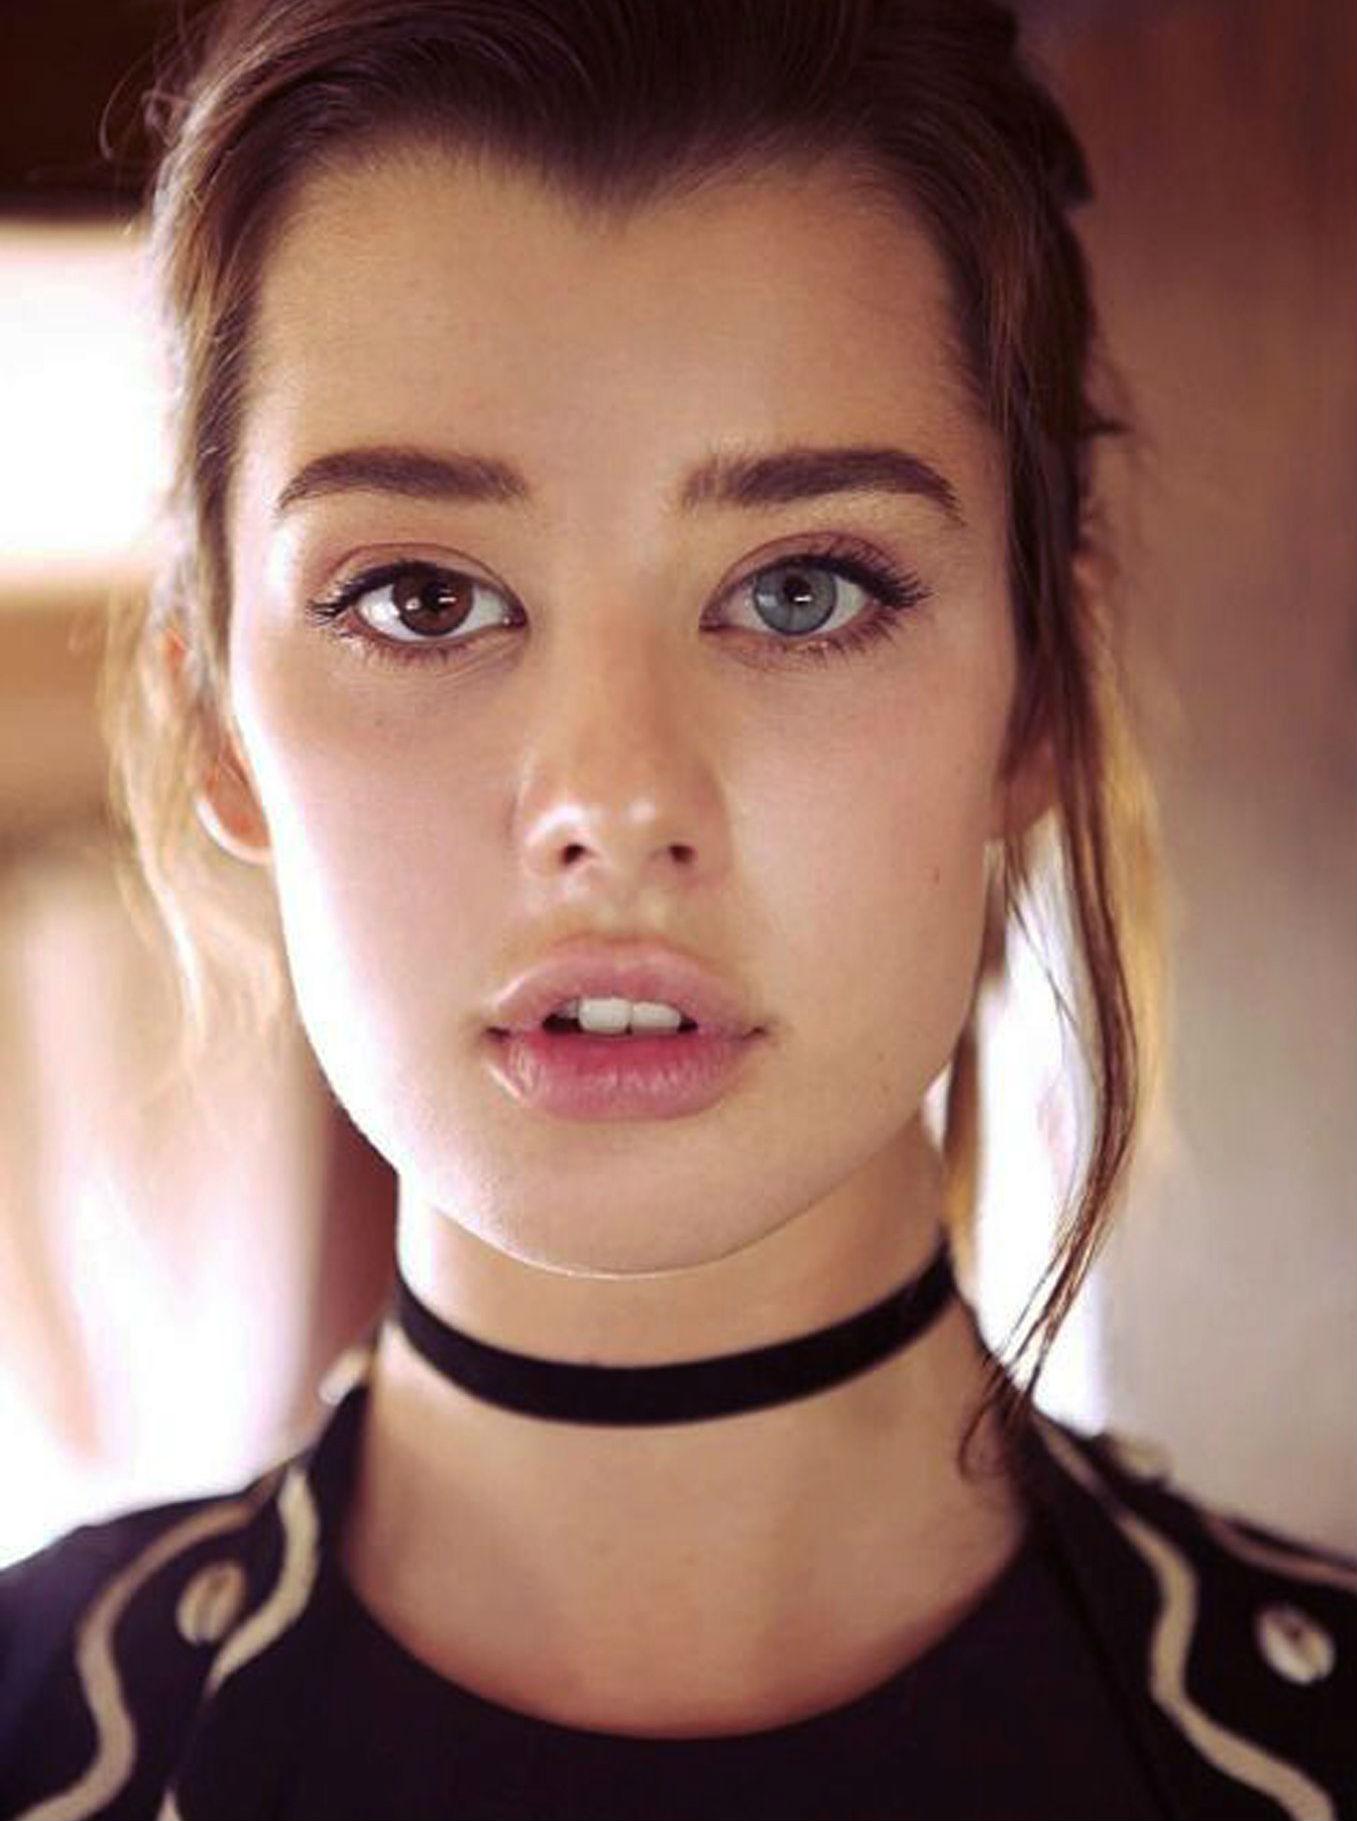 #13 | Những đột biến đẹp ma mị: 15 bức ảnh về những đôi mắt loạn sắc hút hồn | Brain Berries